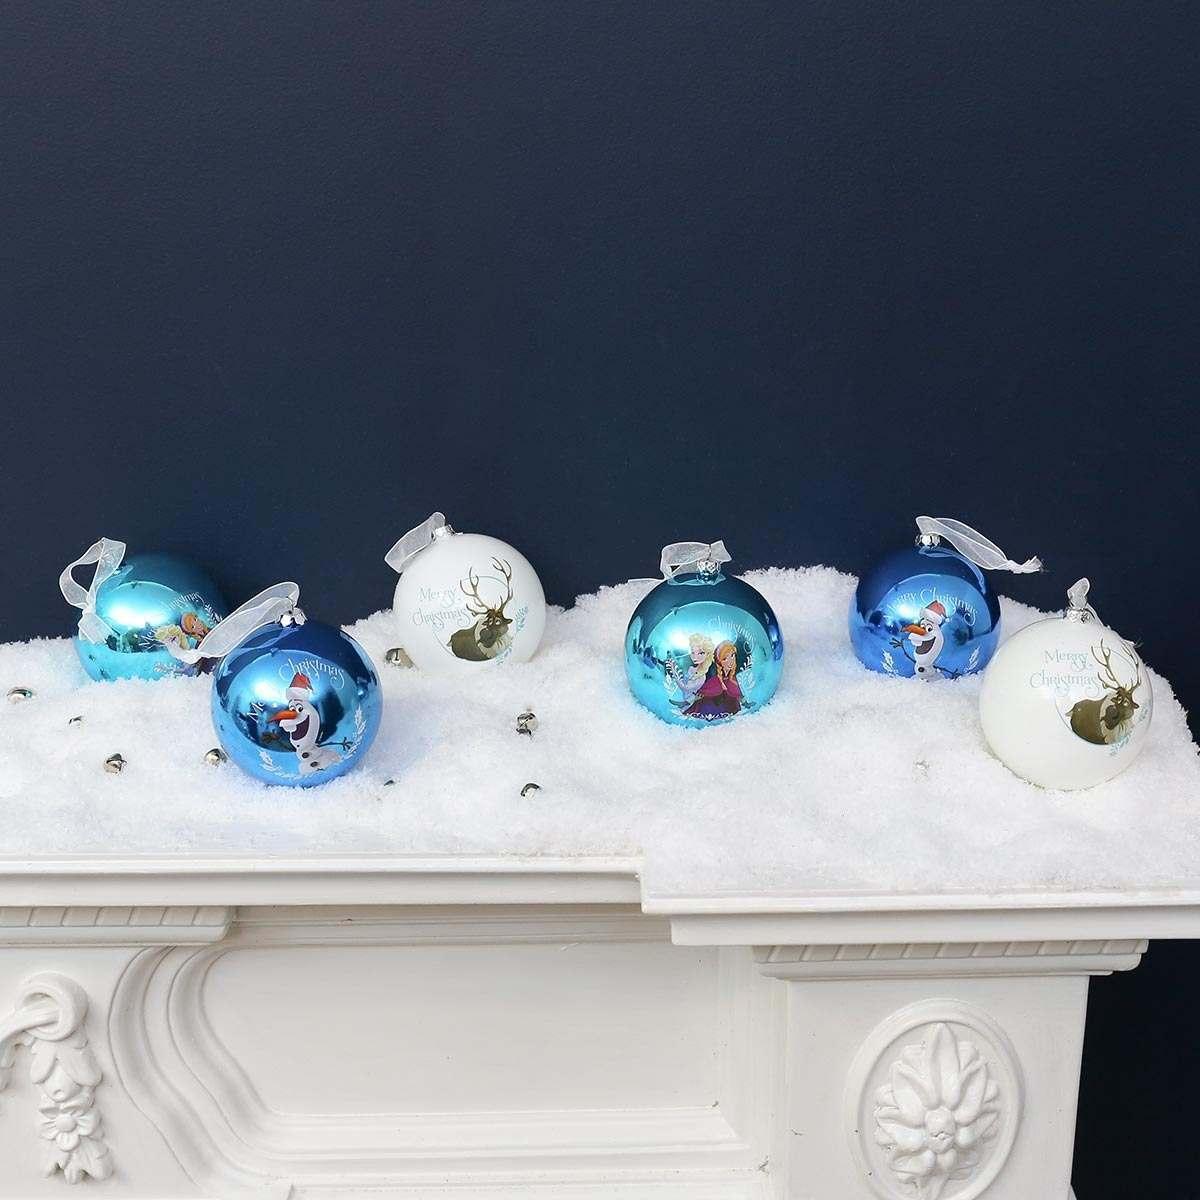 6 X 80mm Assorted Frozen Shatterproof Christmas Tree Baubles